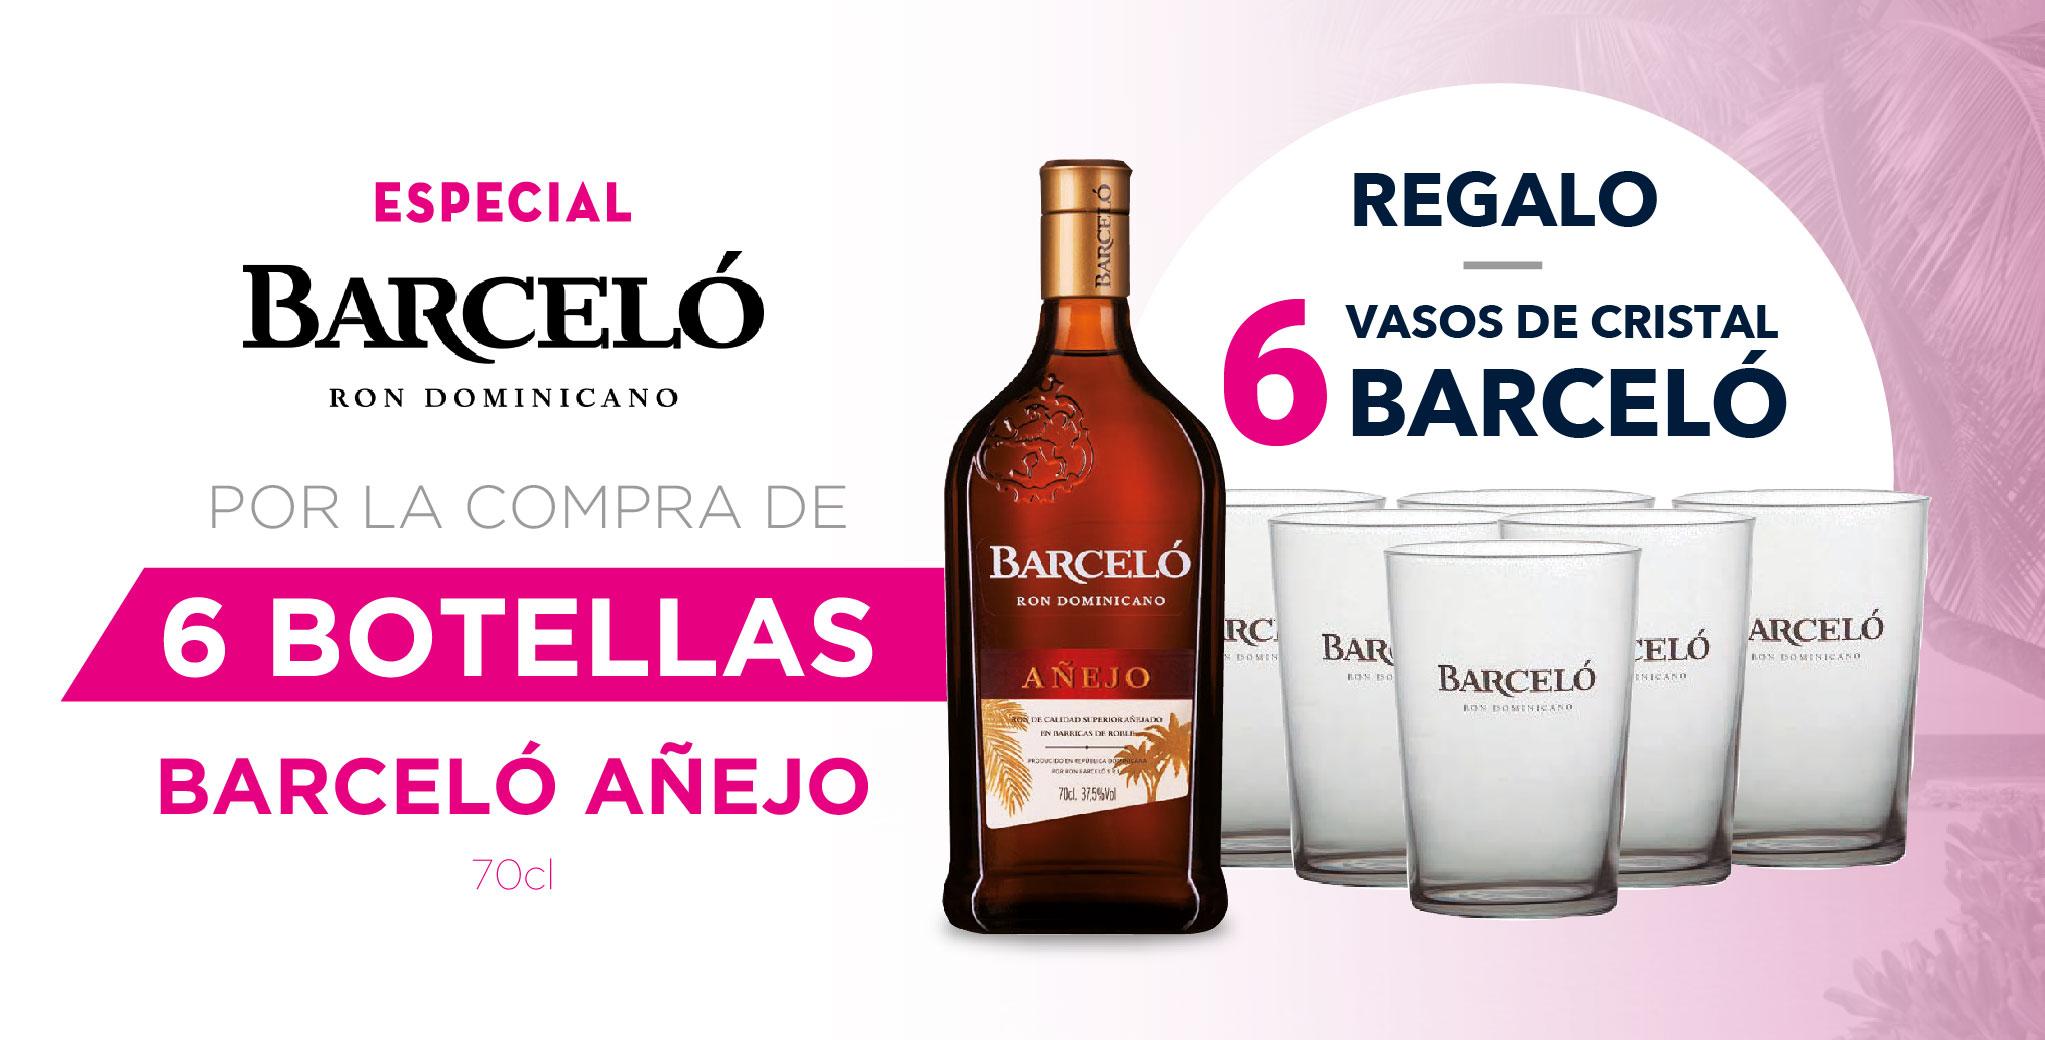 Especial Barceló